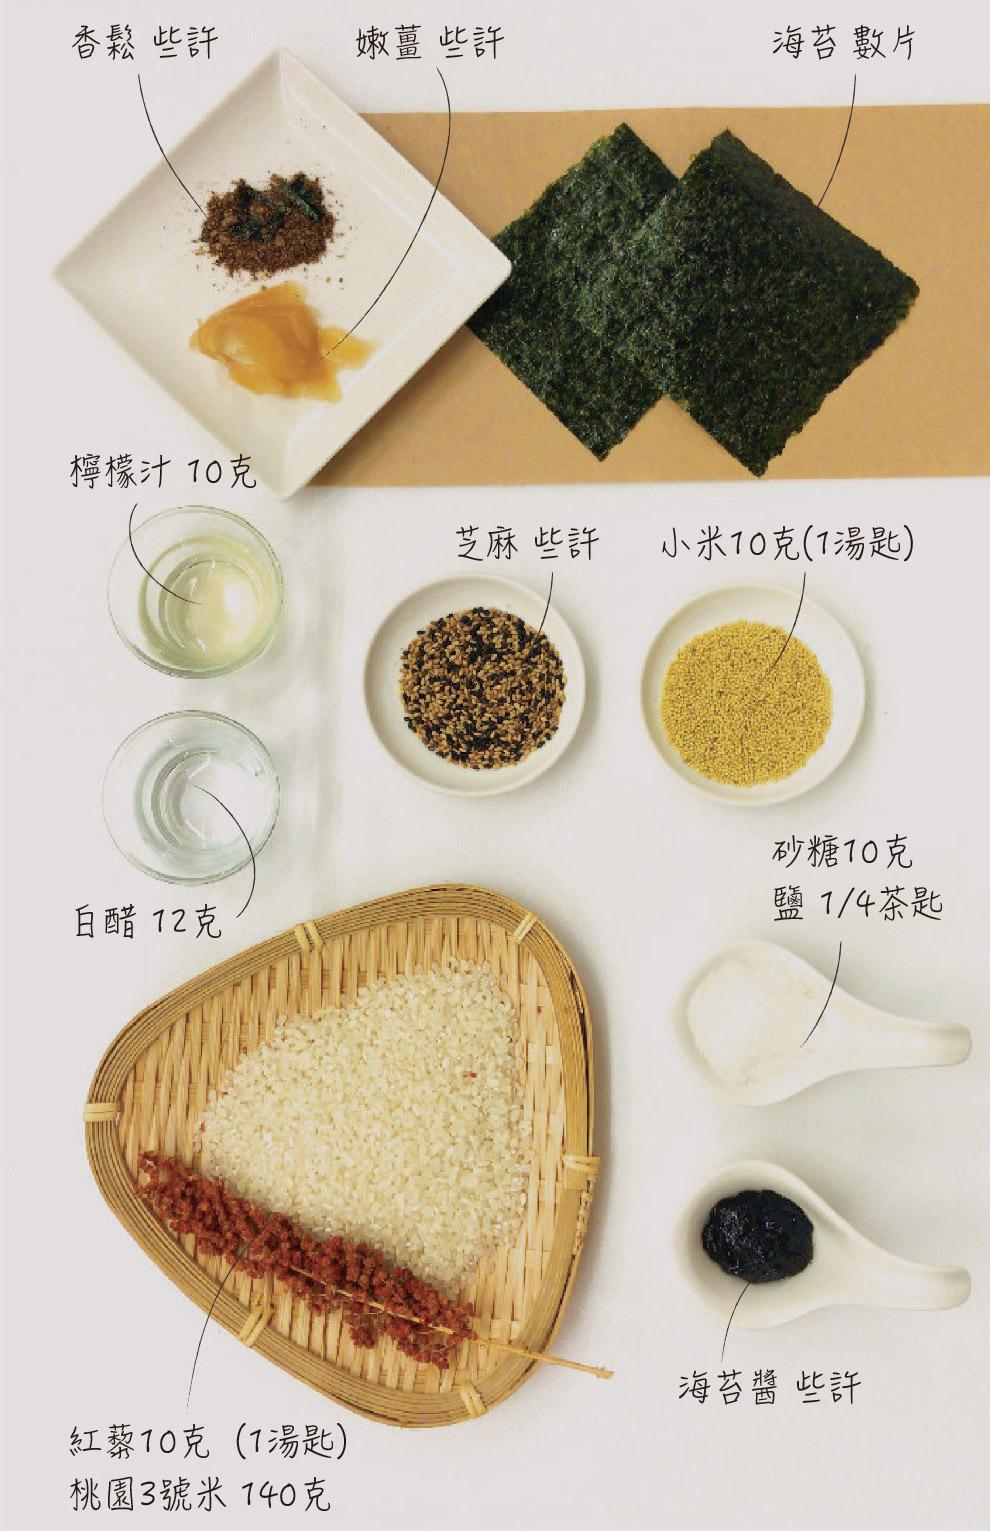 紅藜料理-12.jpg